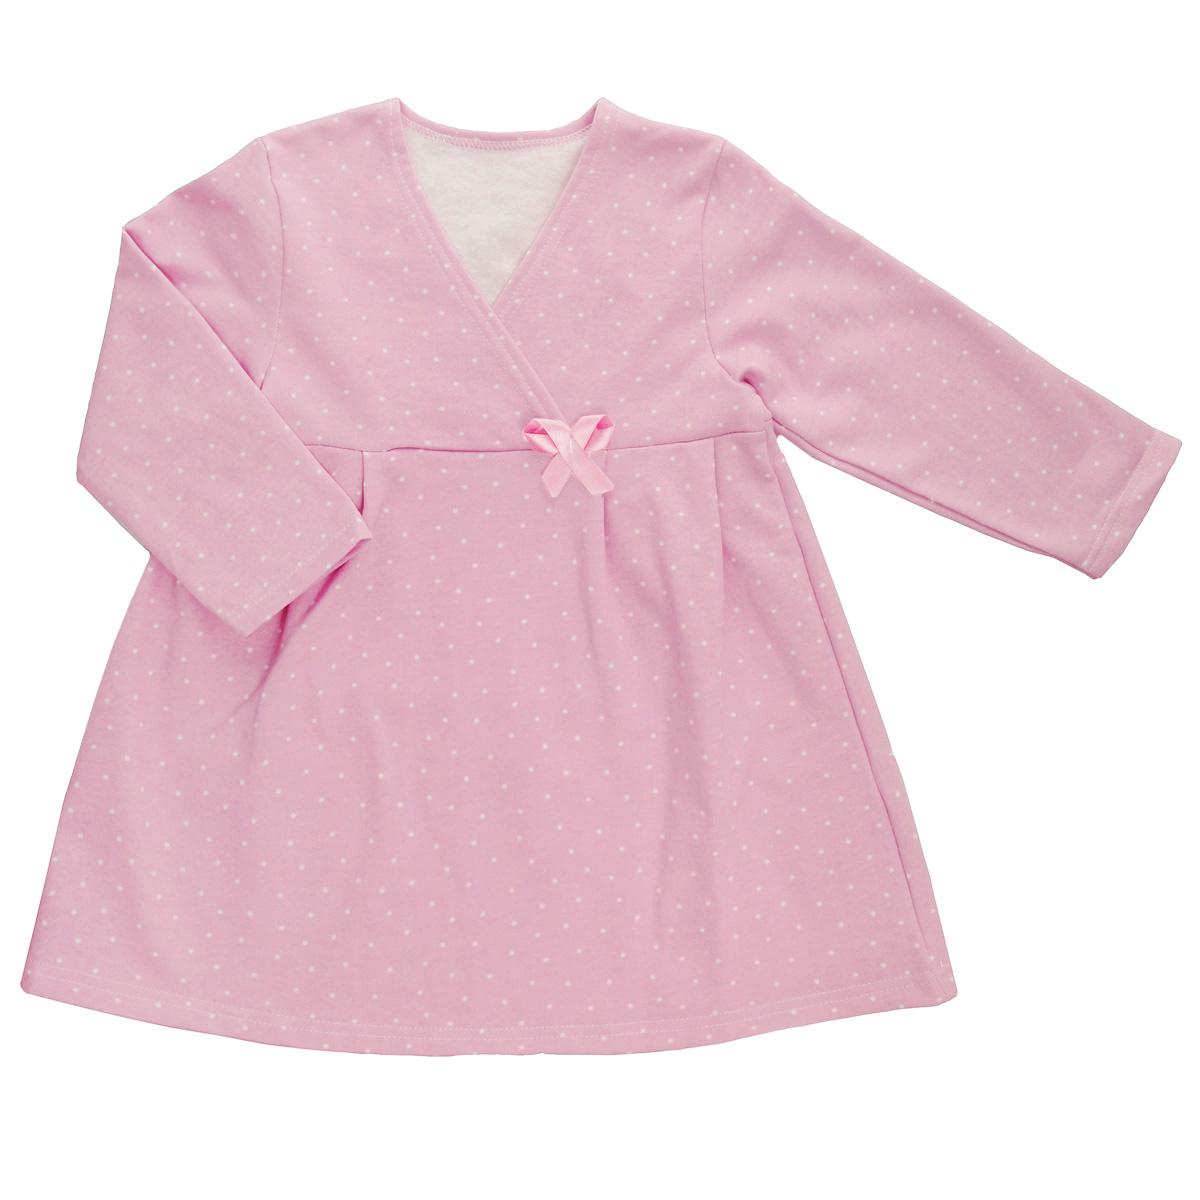 Ночная рубашка5522Яркая сорочка Трон-плюс идеально подойдет вашей малышке и станет отличным дополнением к детскому гардеробу. Теплая сорочка, изготовленная из футера - натурального хлопка, необычайно мягкая и легкая, не сковывает движения ребенка, позволяет коже дышать и не раздражает даже самую нежную и чувствительную кожу малыша. Сорочка трапециевидного кроя с длинными рукавами, V-образным вырезом горловины. Полочка состоит из двух частей, заходящих друг на друга. По переднему и заднему полотнищам юбки заложены небольшие складки. Сорочка оформлена атласным бантиком. В такой сорочке ваш ребенок будет чувствовать себя комфортно и уютно во время сна.